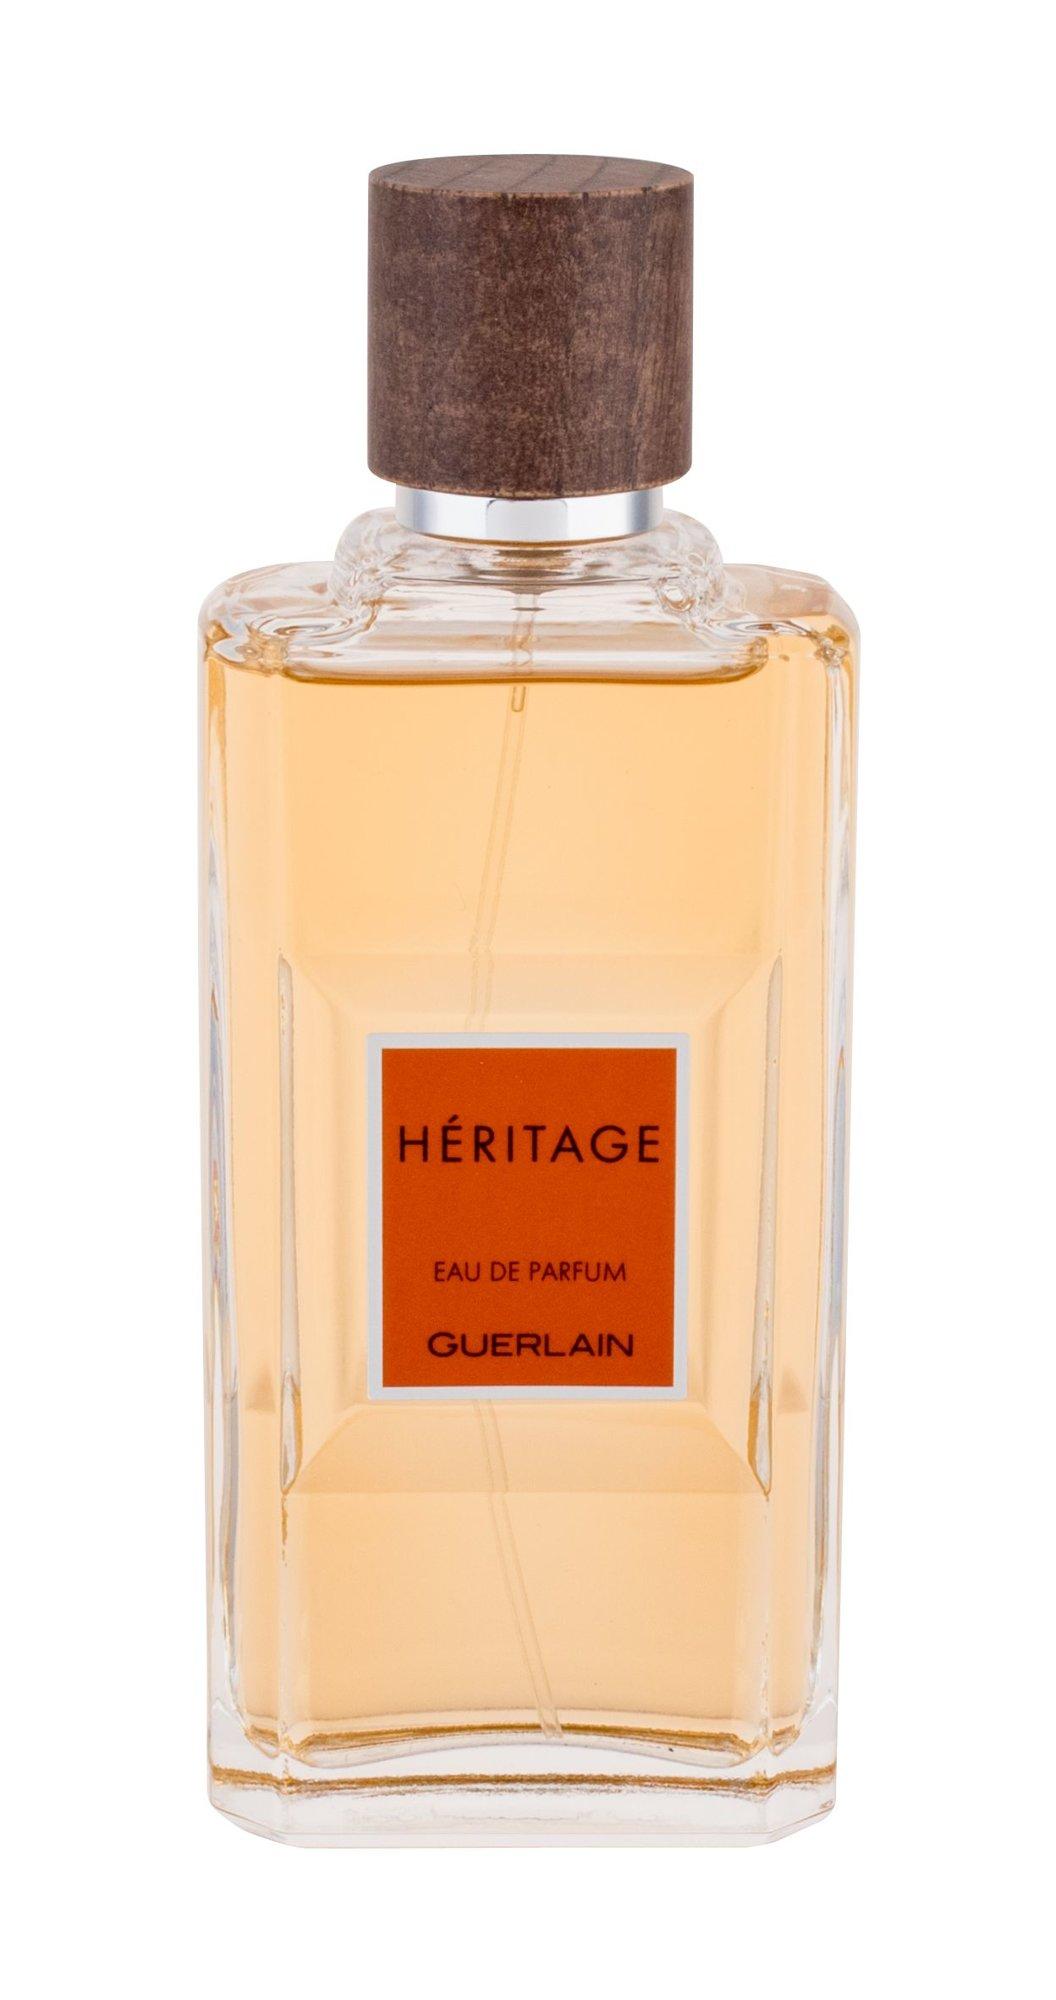 Guerlain Heritage Eau de Parfum 100ml